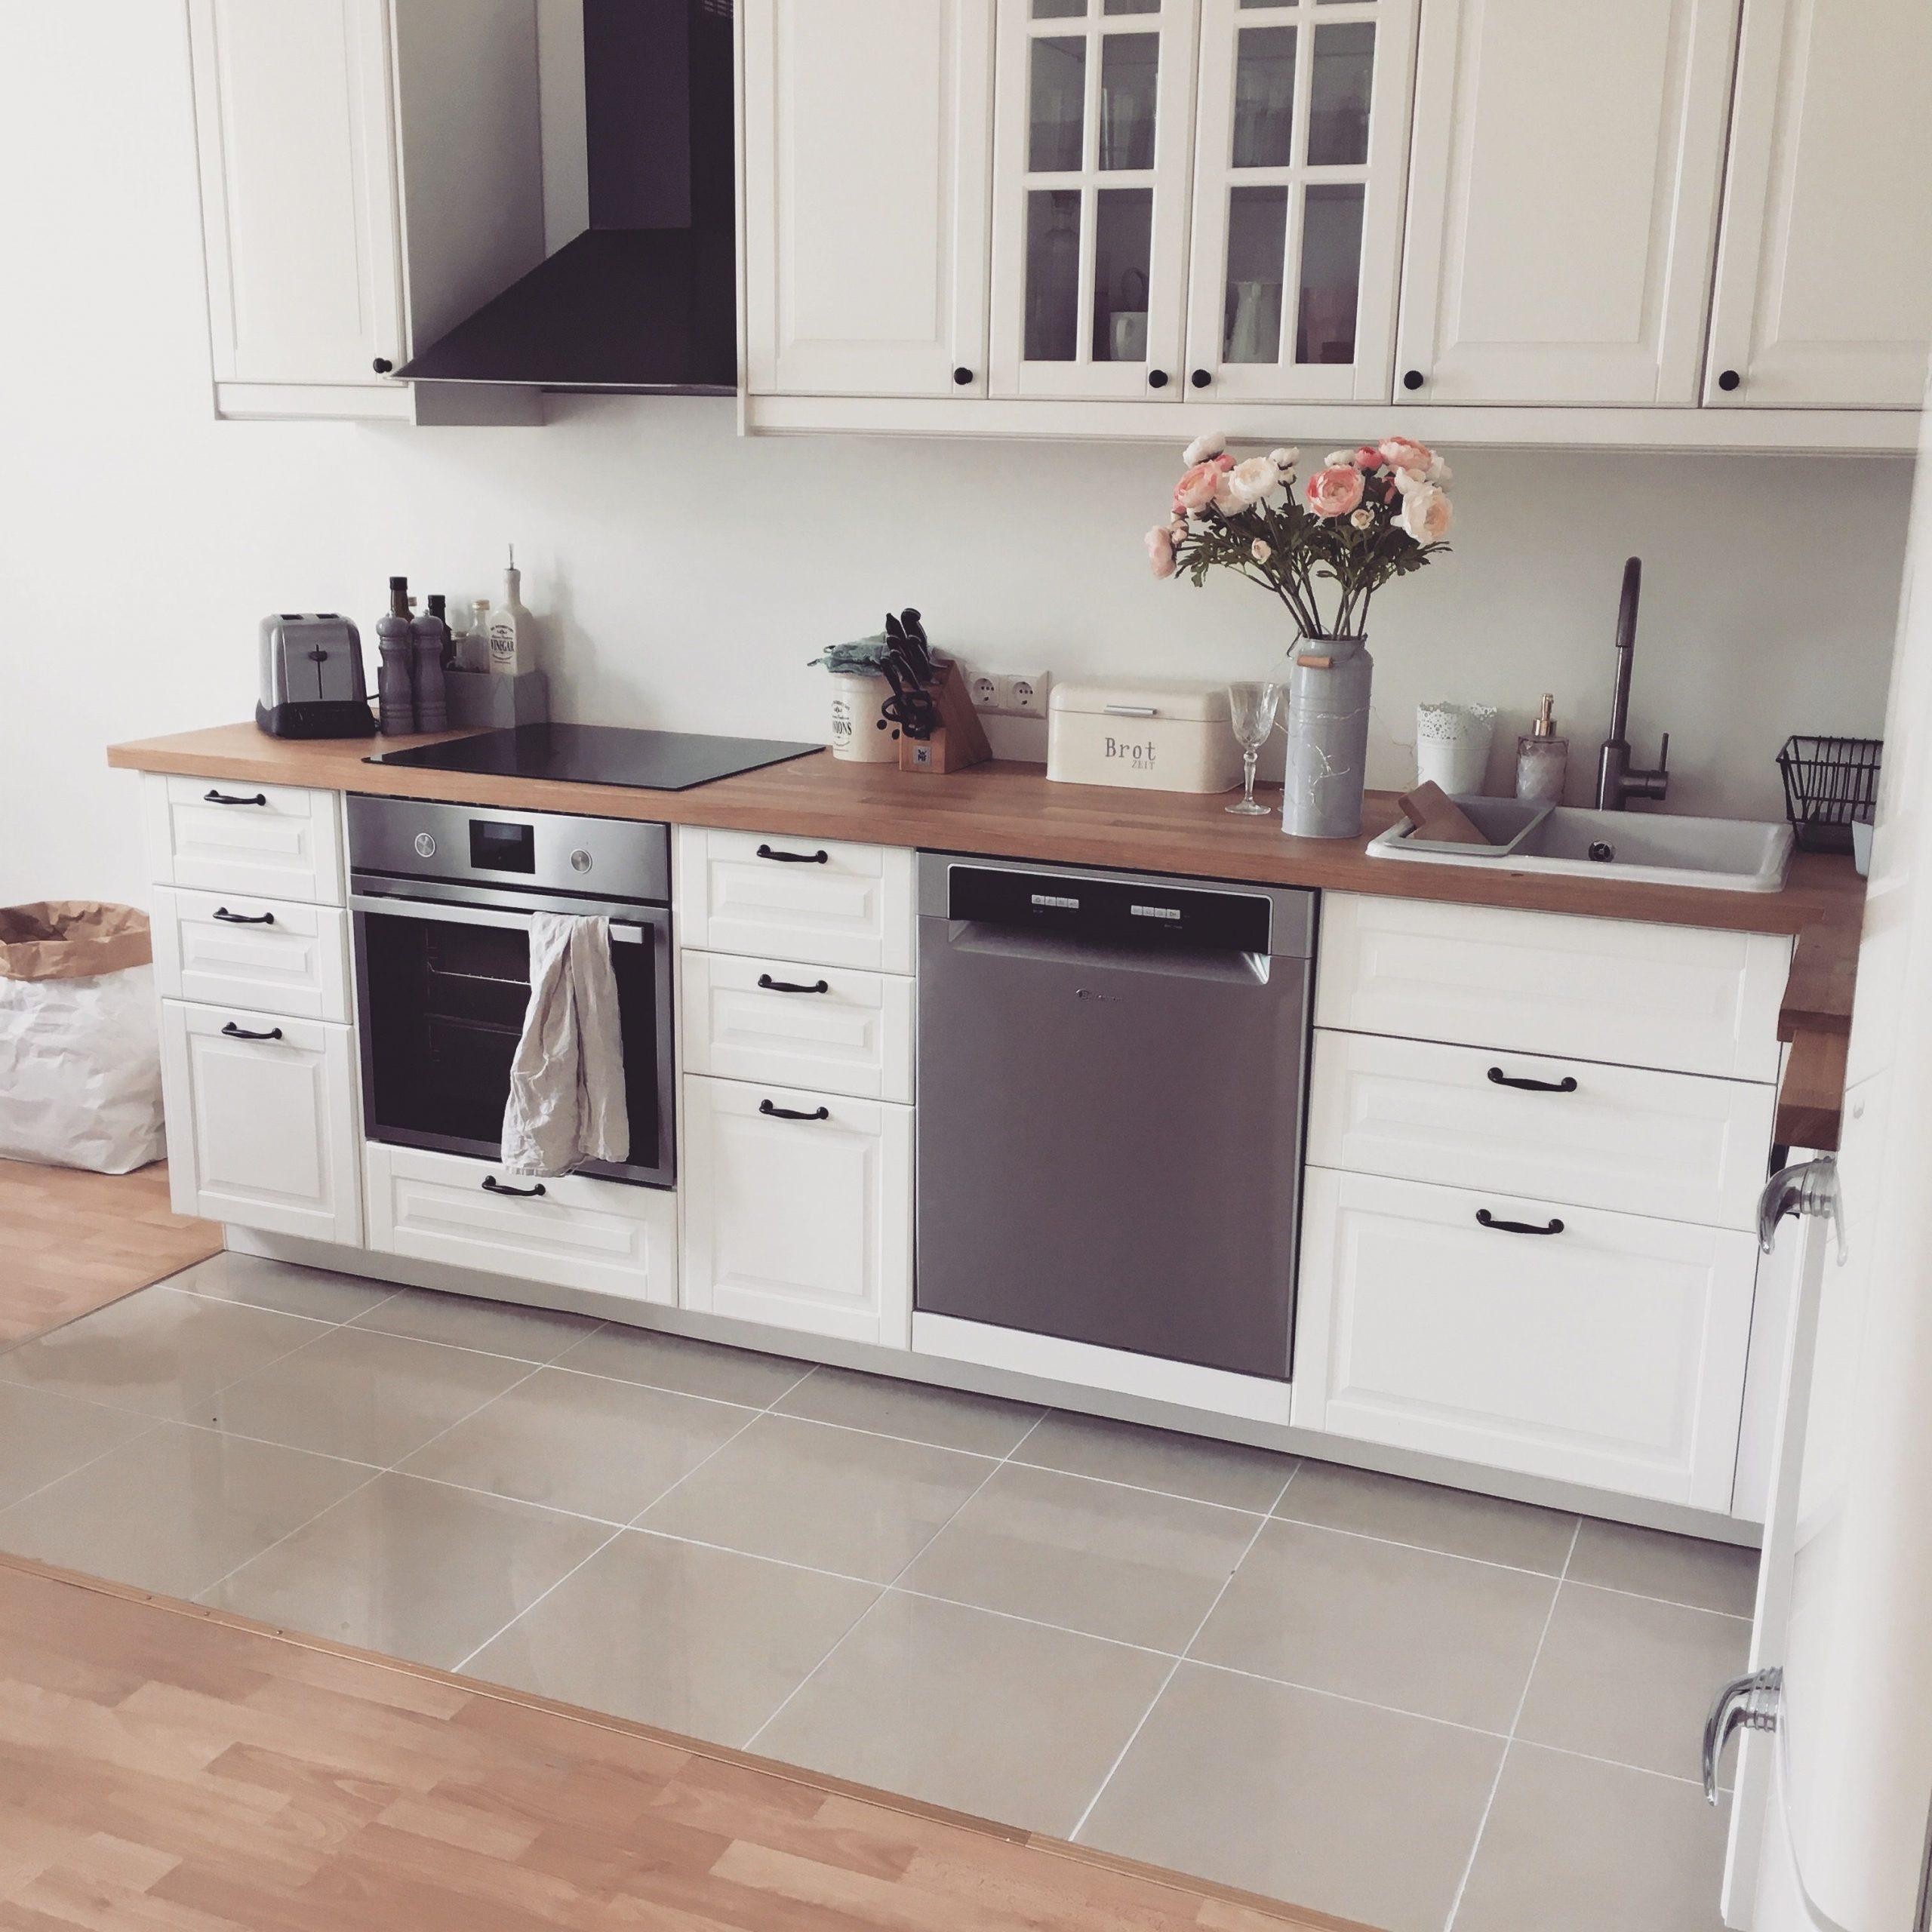 Full Size of Rückwand Küche Ikea Modulküche Sitzbank Mit Lehne Eckunterschrank Landhausküche Gebraucht Winkel Vinylboden Türkis Ausstellungsstück Wohnzimmer Rückwand Küche Ikea